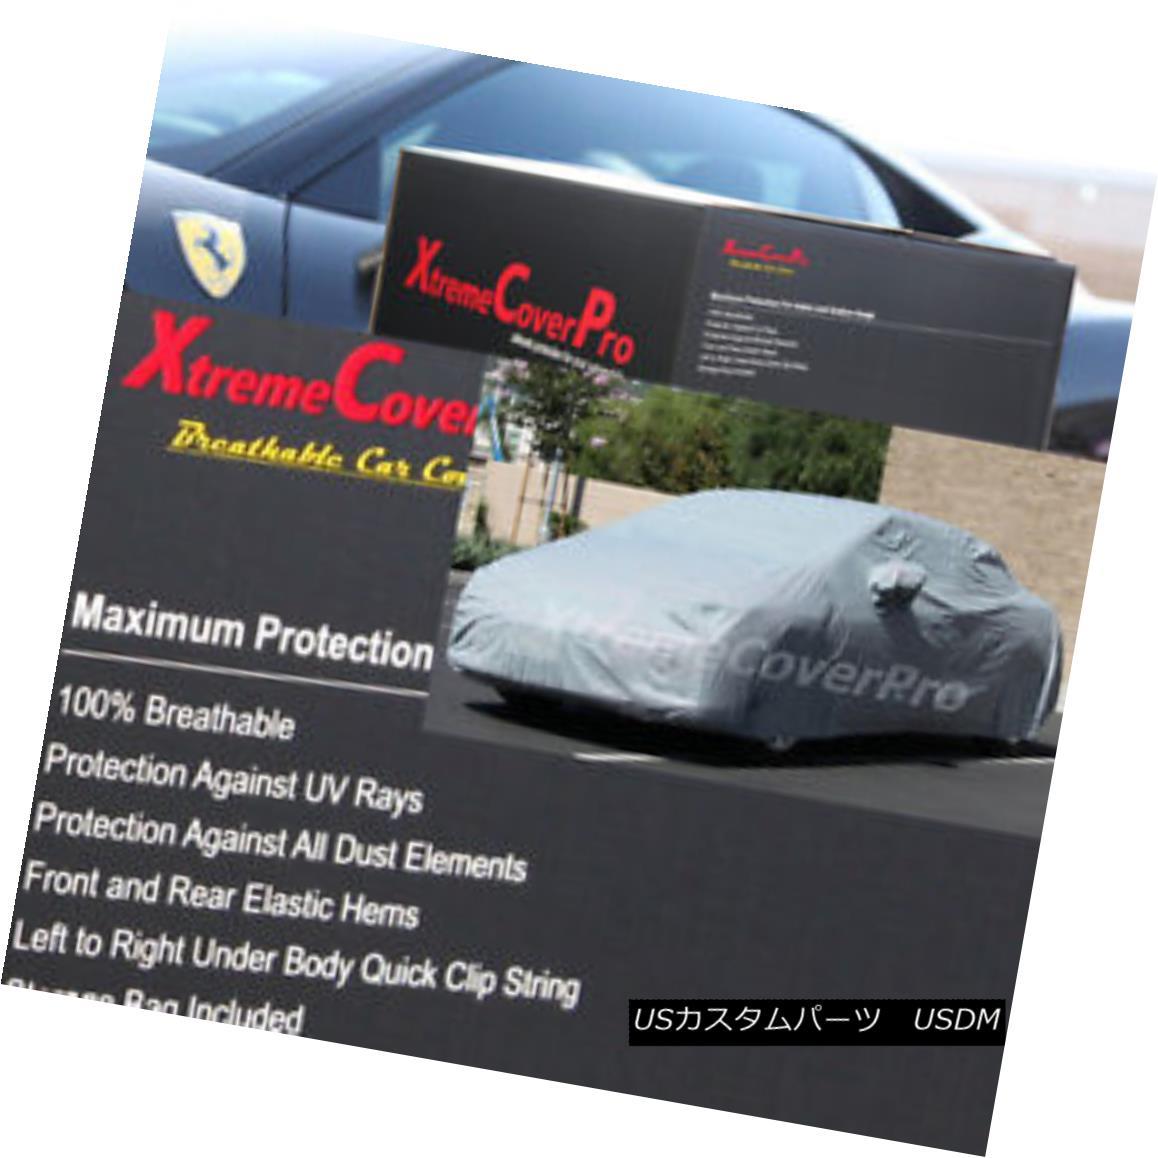 カーカバー 2014 Honda Civic Hybrid Breathable Car Cover w/ Mirror Pocket 2014年ホンダシビックハイブリッド通気性車カバー(ミラーポケット付)